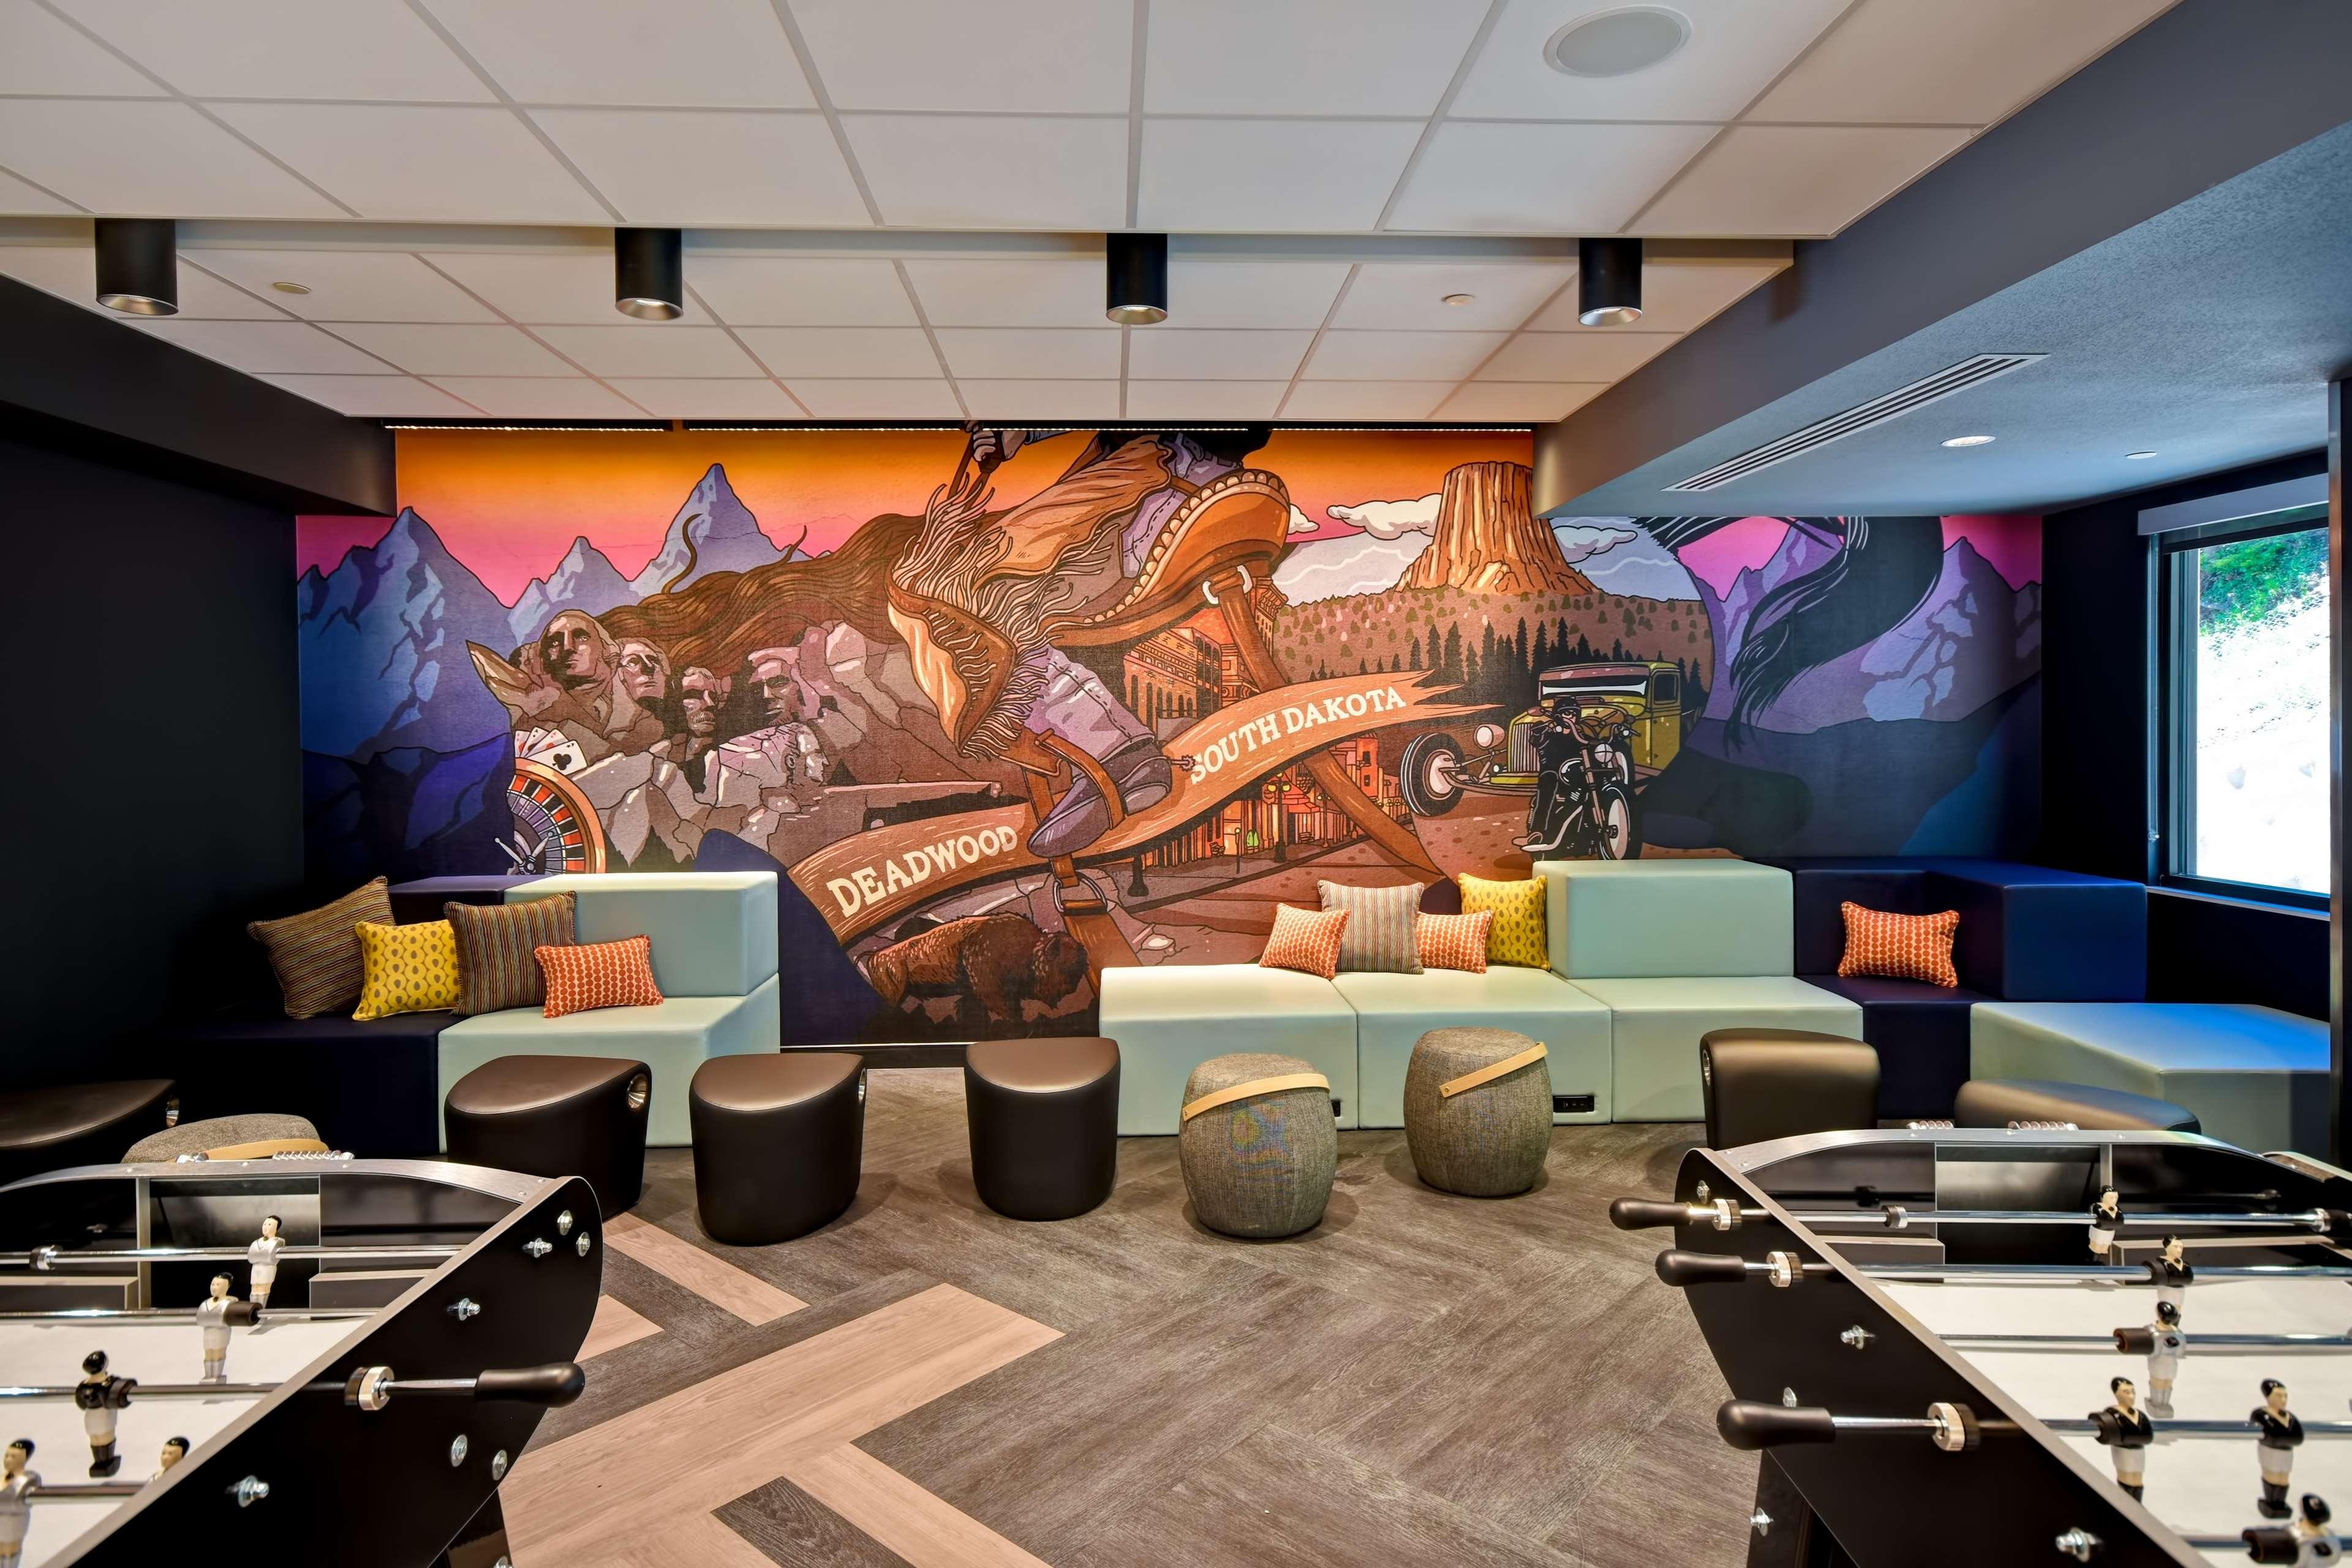 Tru by Hilton Deadwood image 7